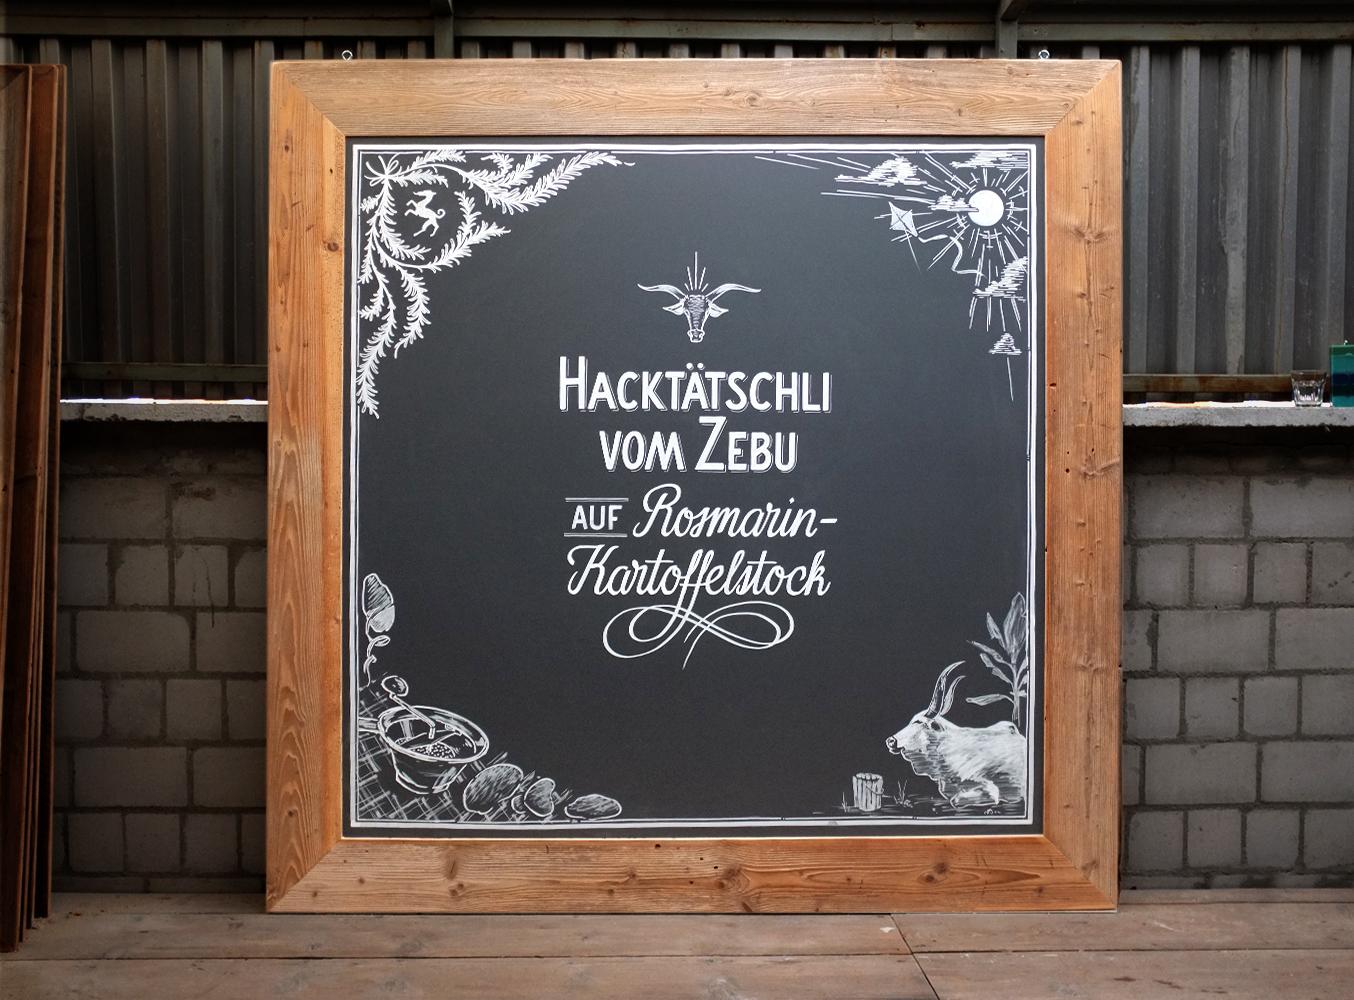 Notenstein La Roche Privatbank, Menu, Zebu, Kreidetafel, Schriftenmalerei, Wandbeschriftung, hand gemalt, Tafelbeschriftung, Tafelmaler